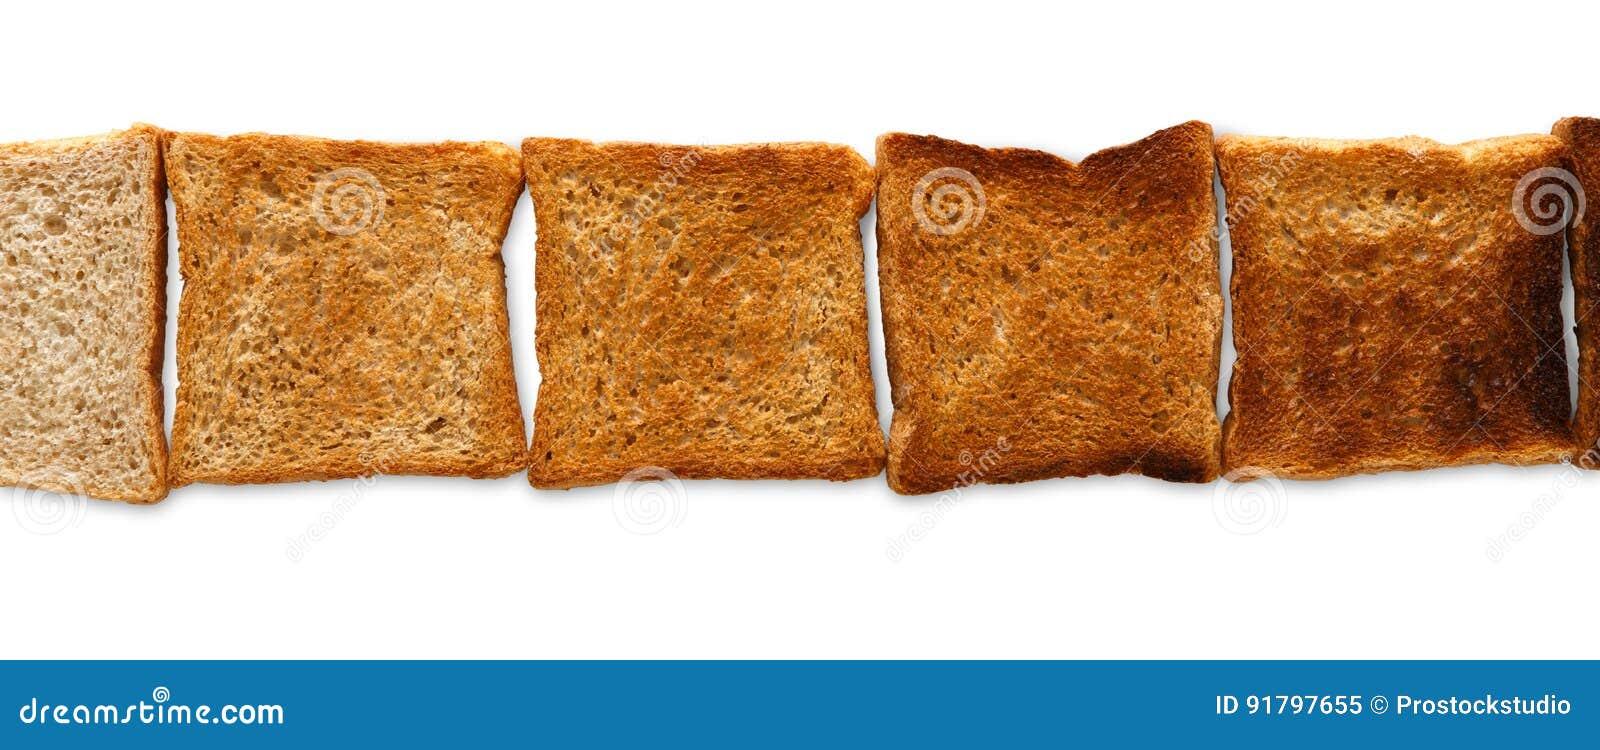 Που μαγειρεύεται φρυγανιά και που καίγεται Βαθμός toastiness στο λευκό